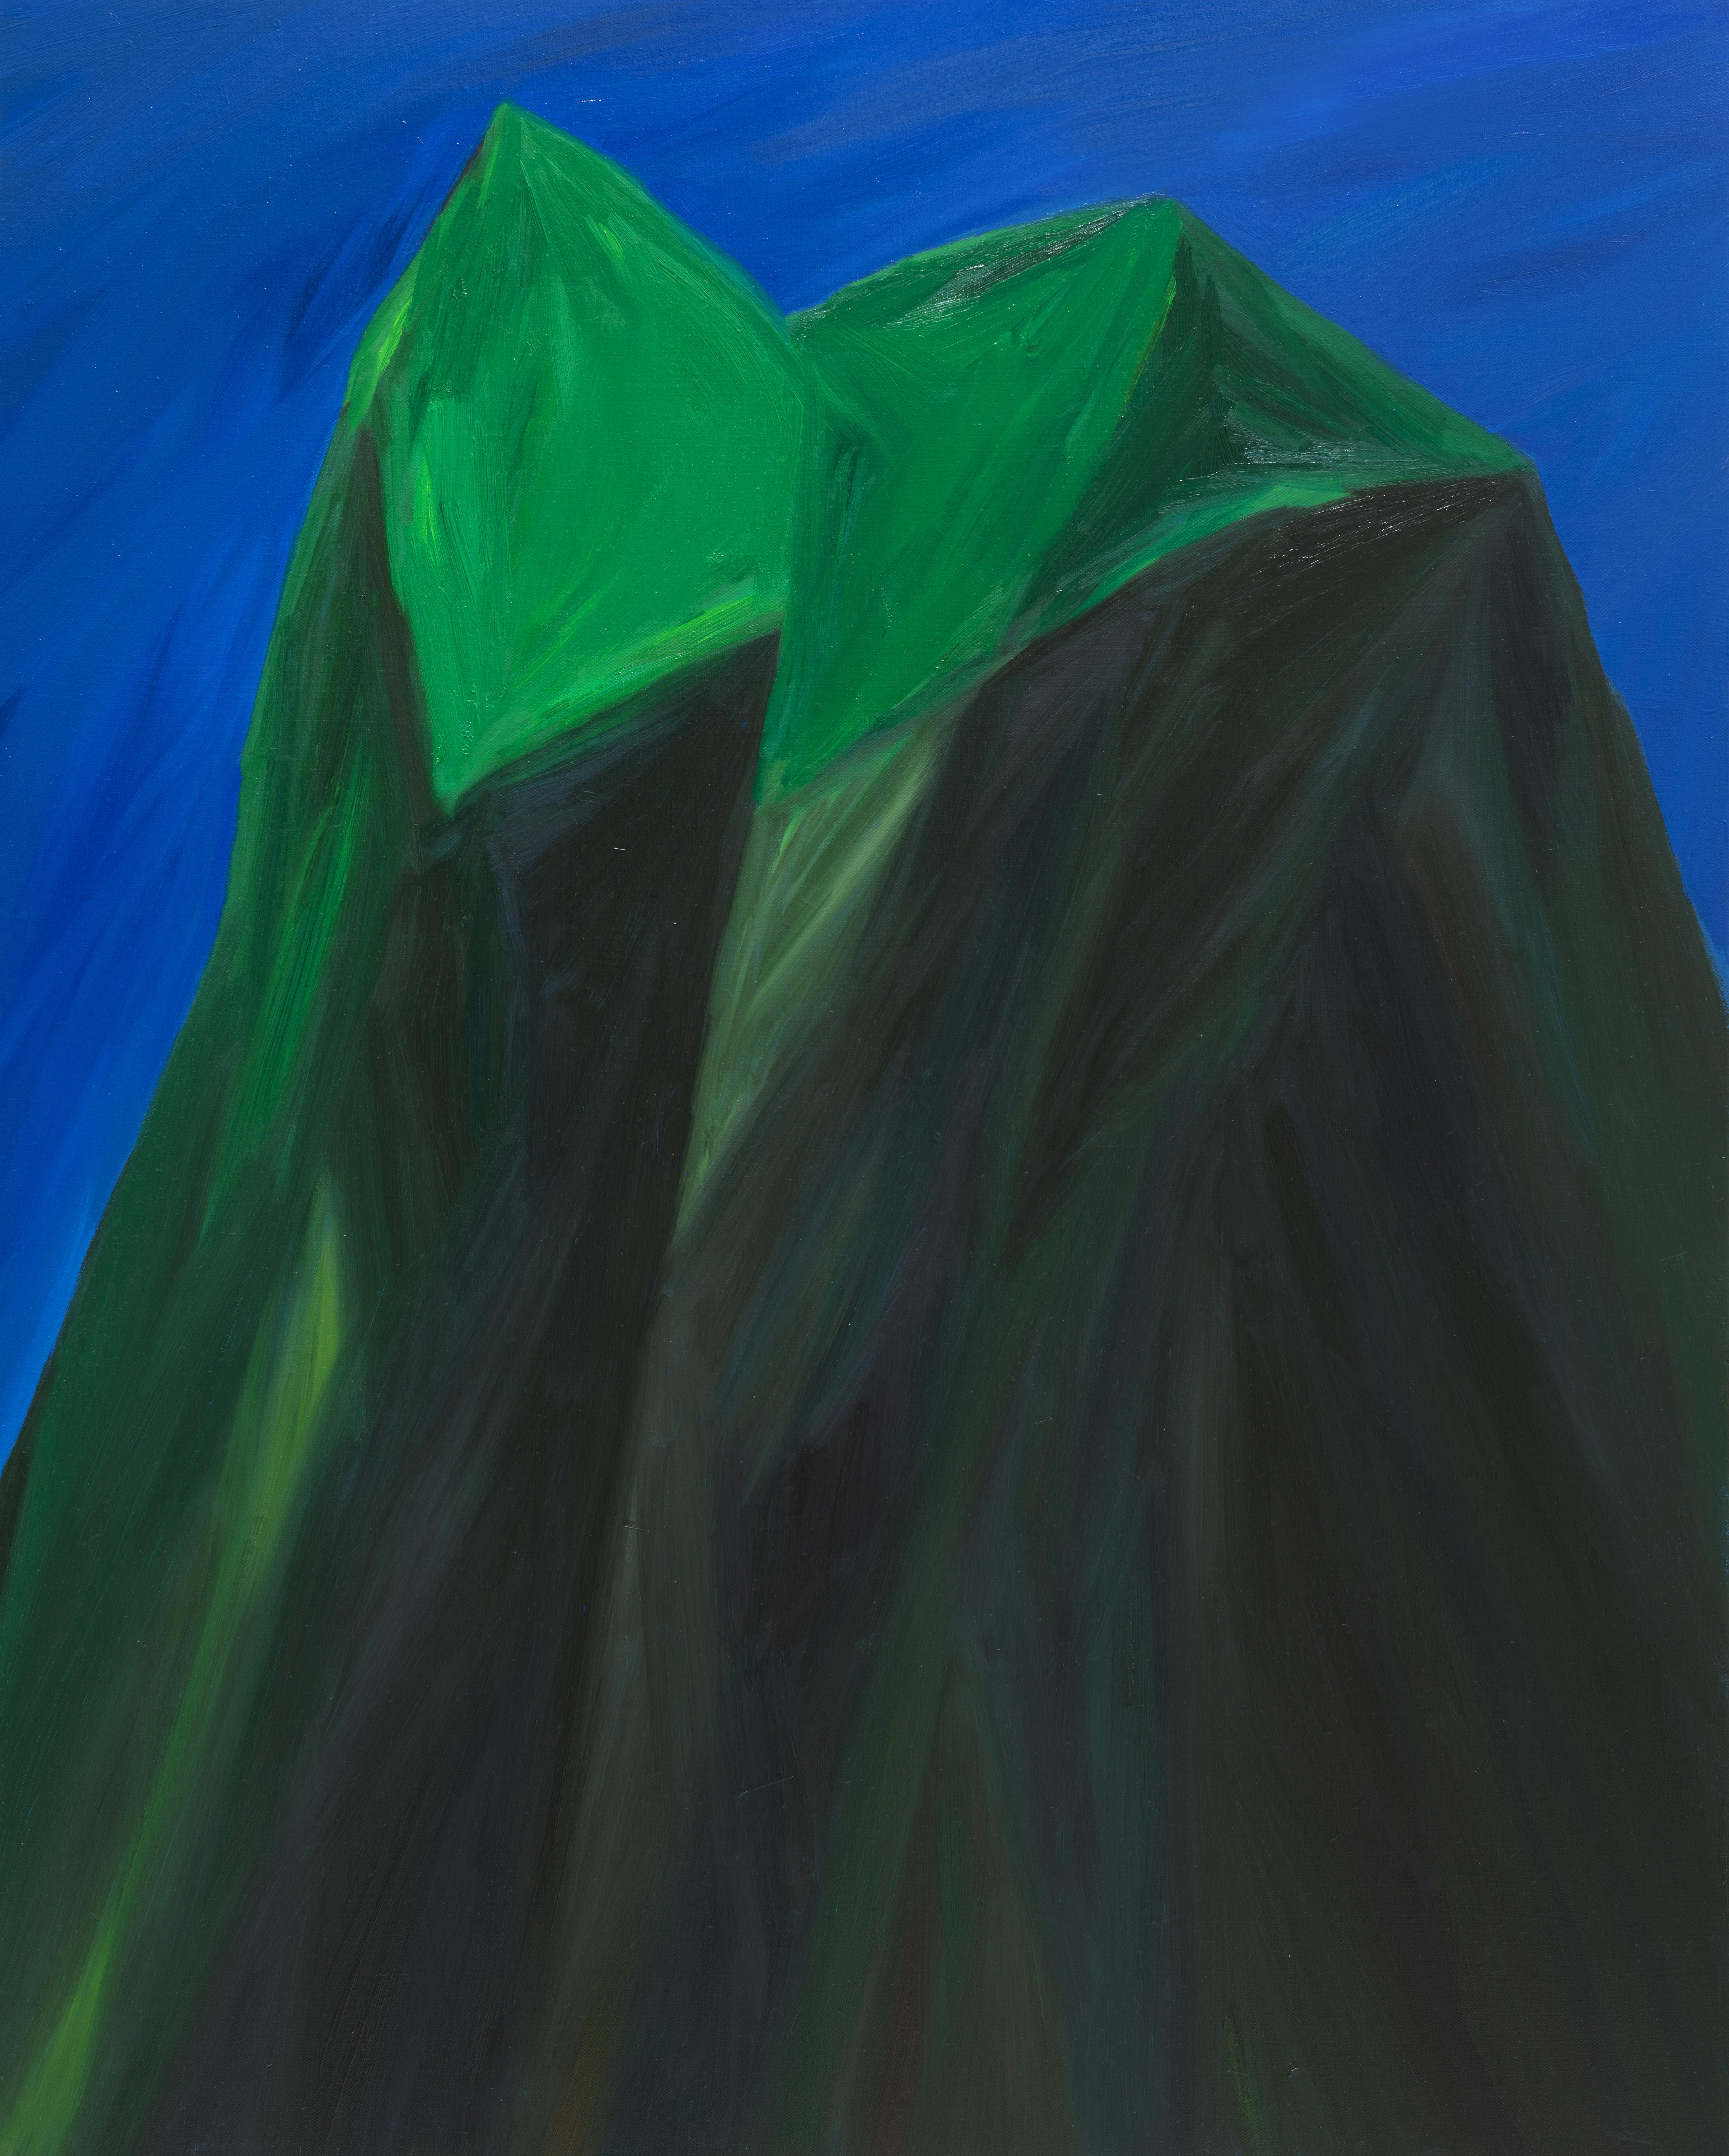 산을 자른 단면